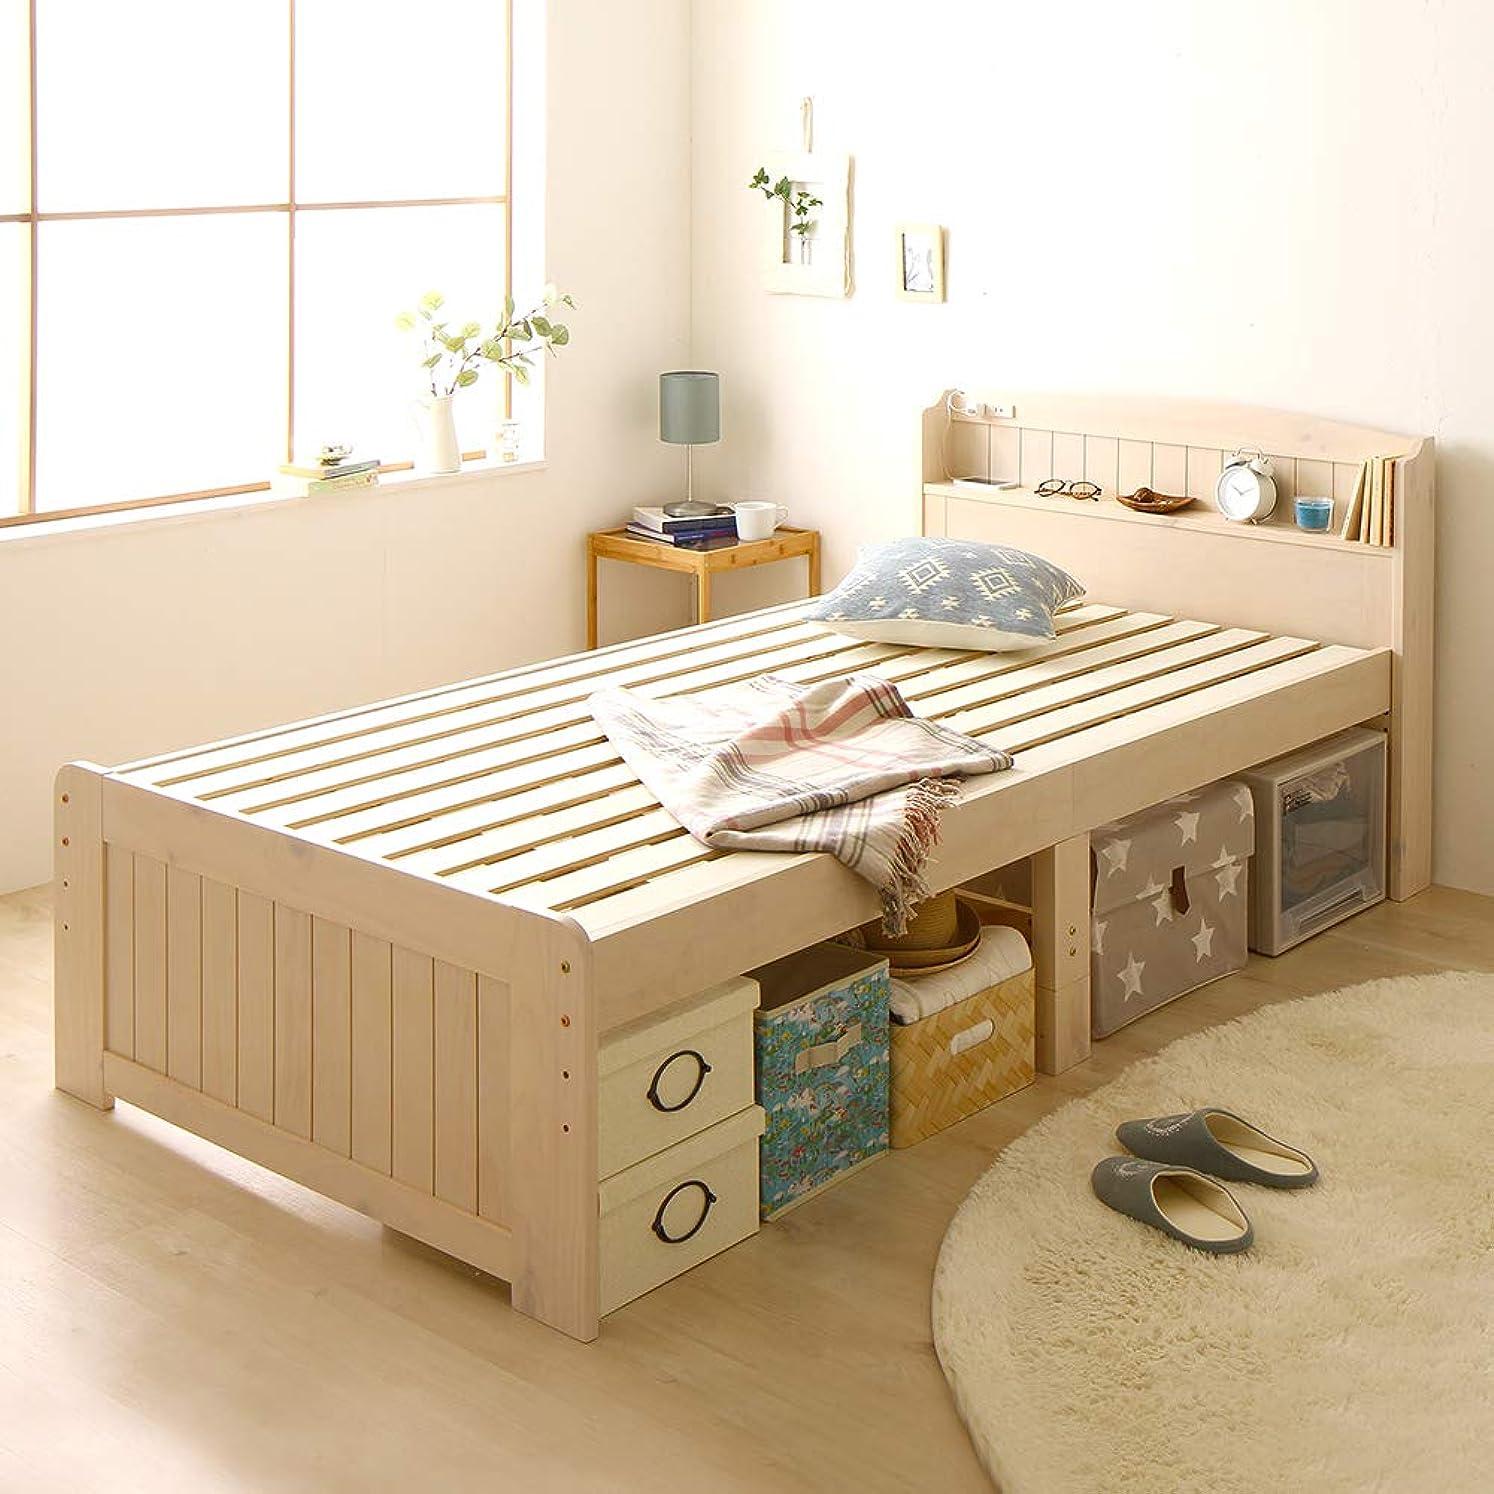 ホース良い鼻こうひん 日本製 畳ベッド 大容量収納付 『スパシオ』